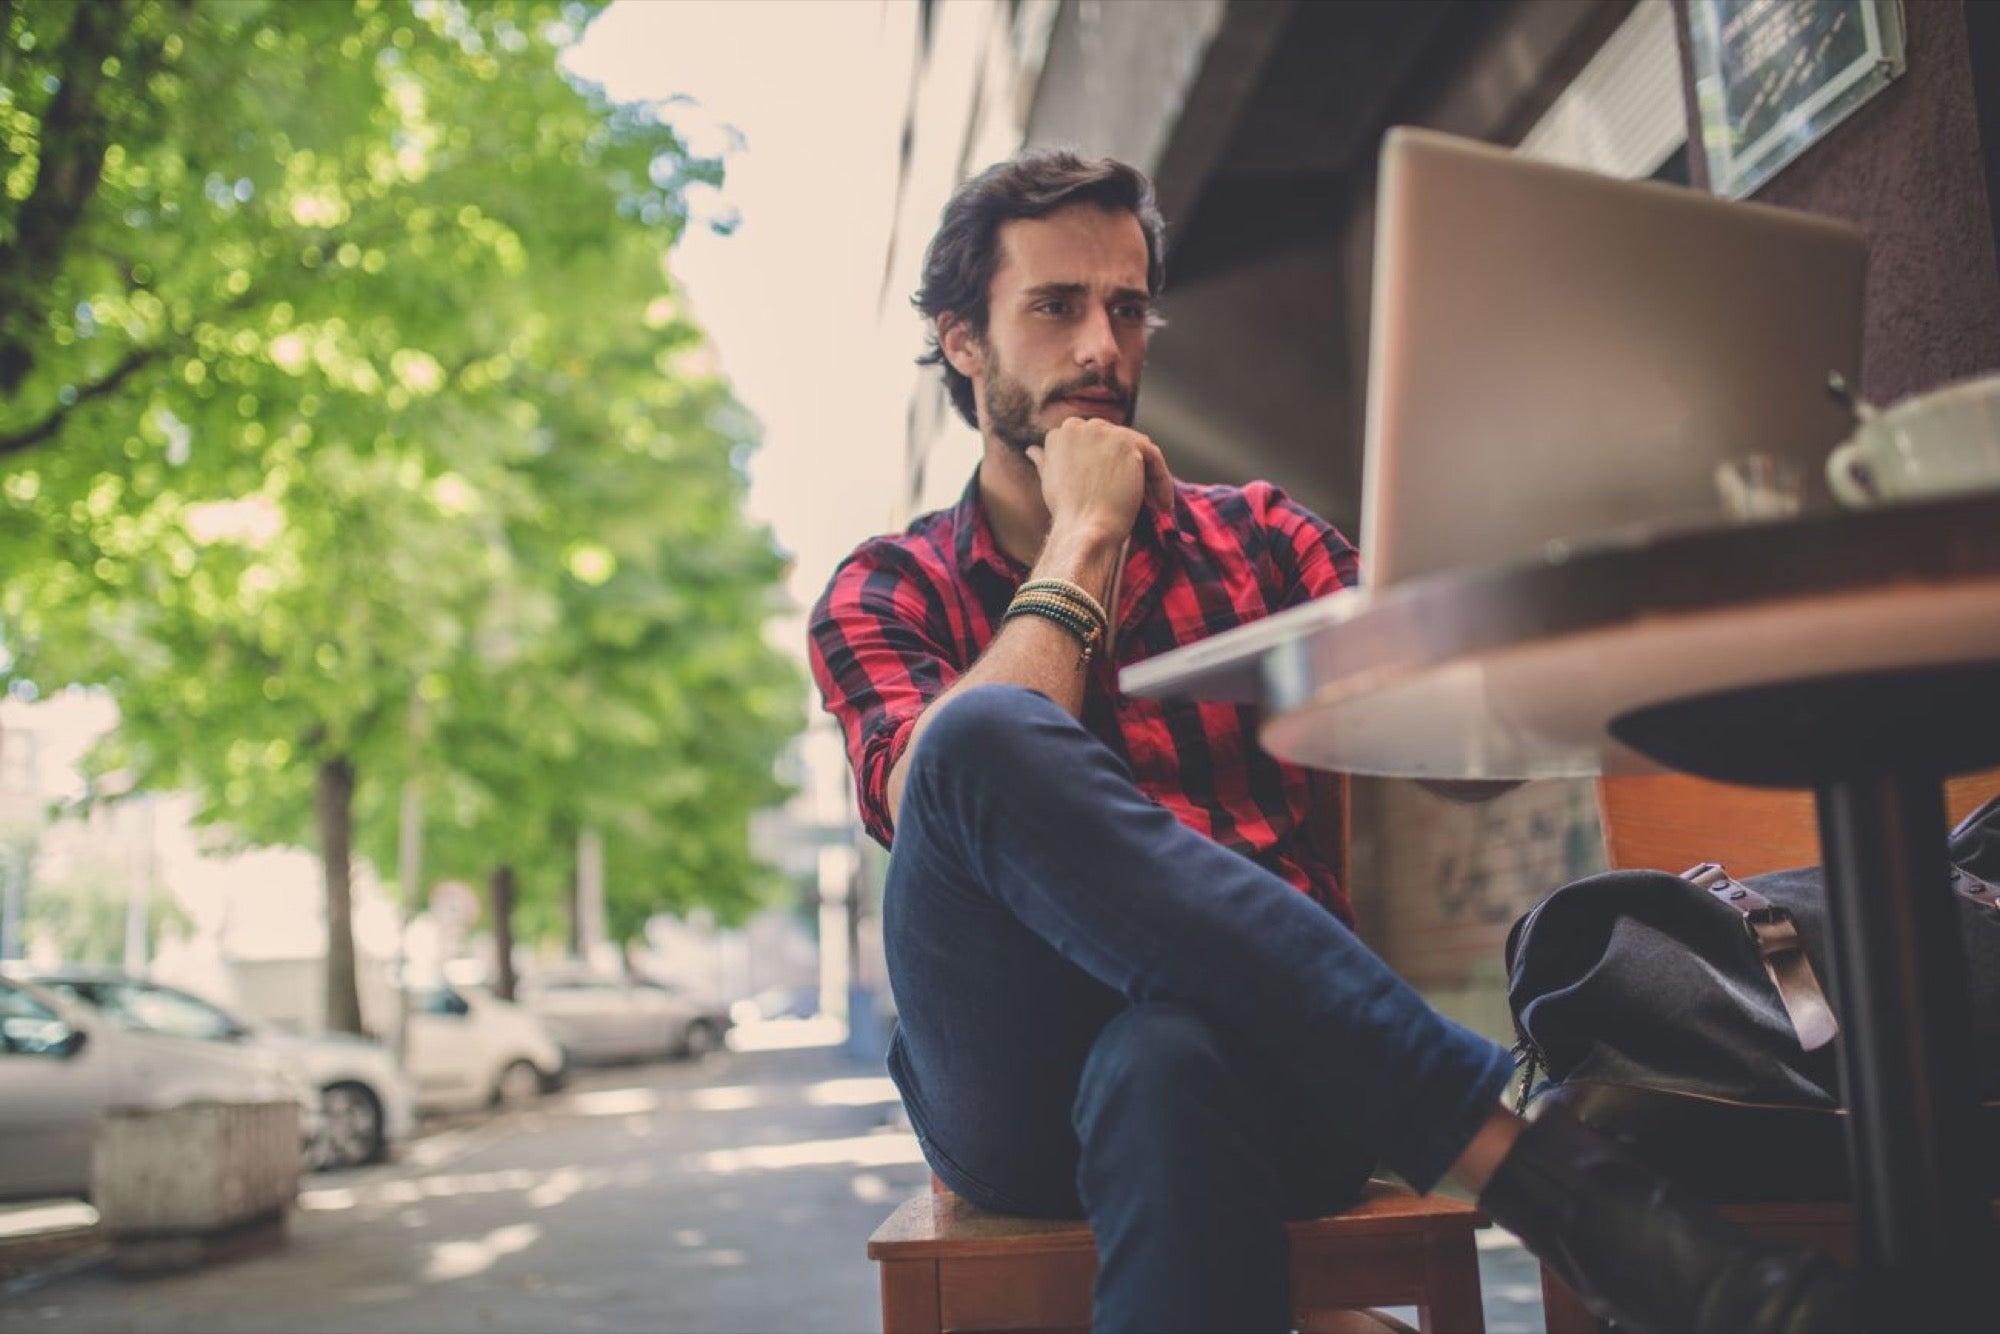 Work фрилансеры website freelance work